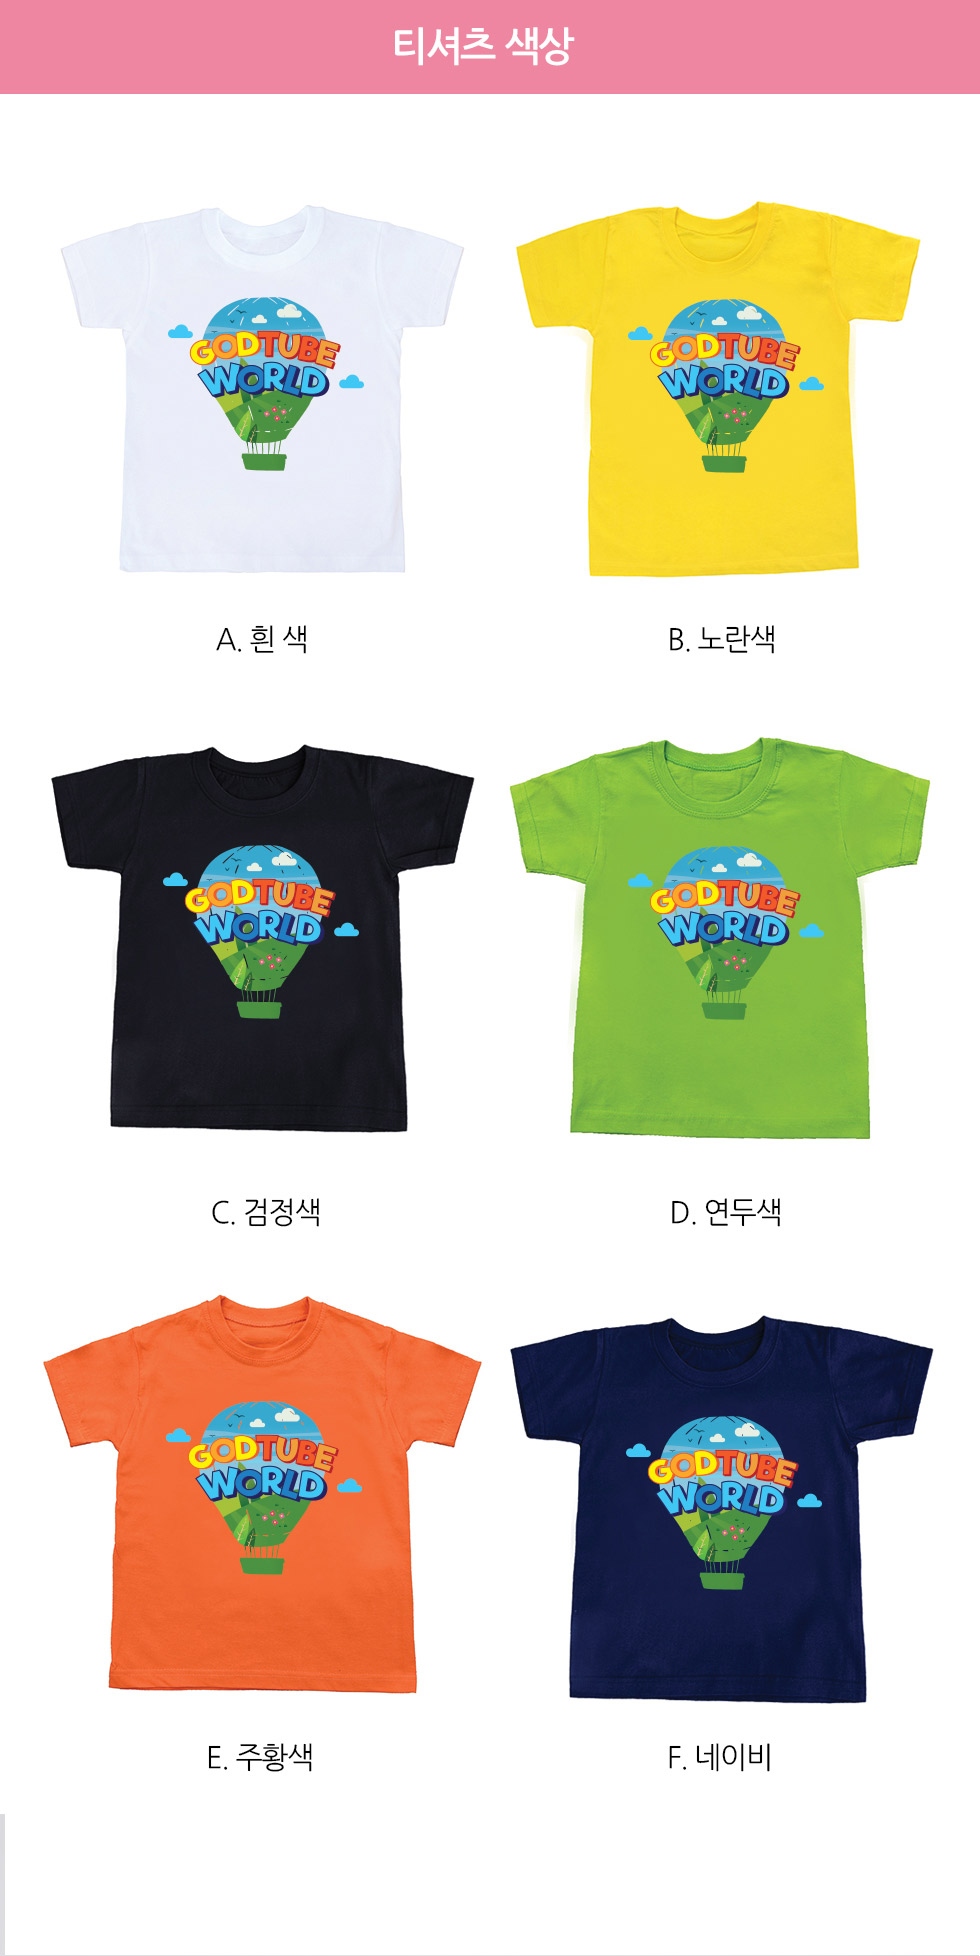 교회단체티셔츠 하나님이 보여주심 GodTube World 기구 아동용 색상